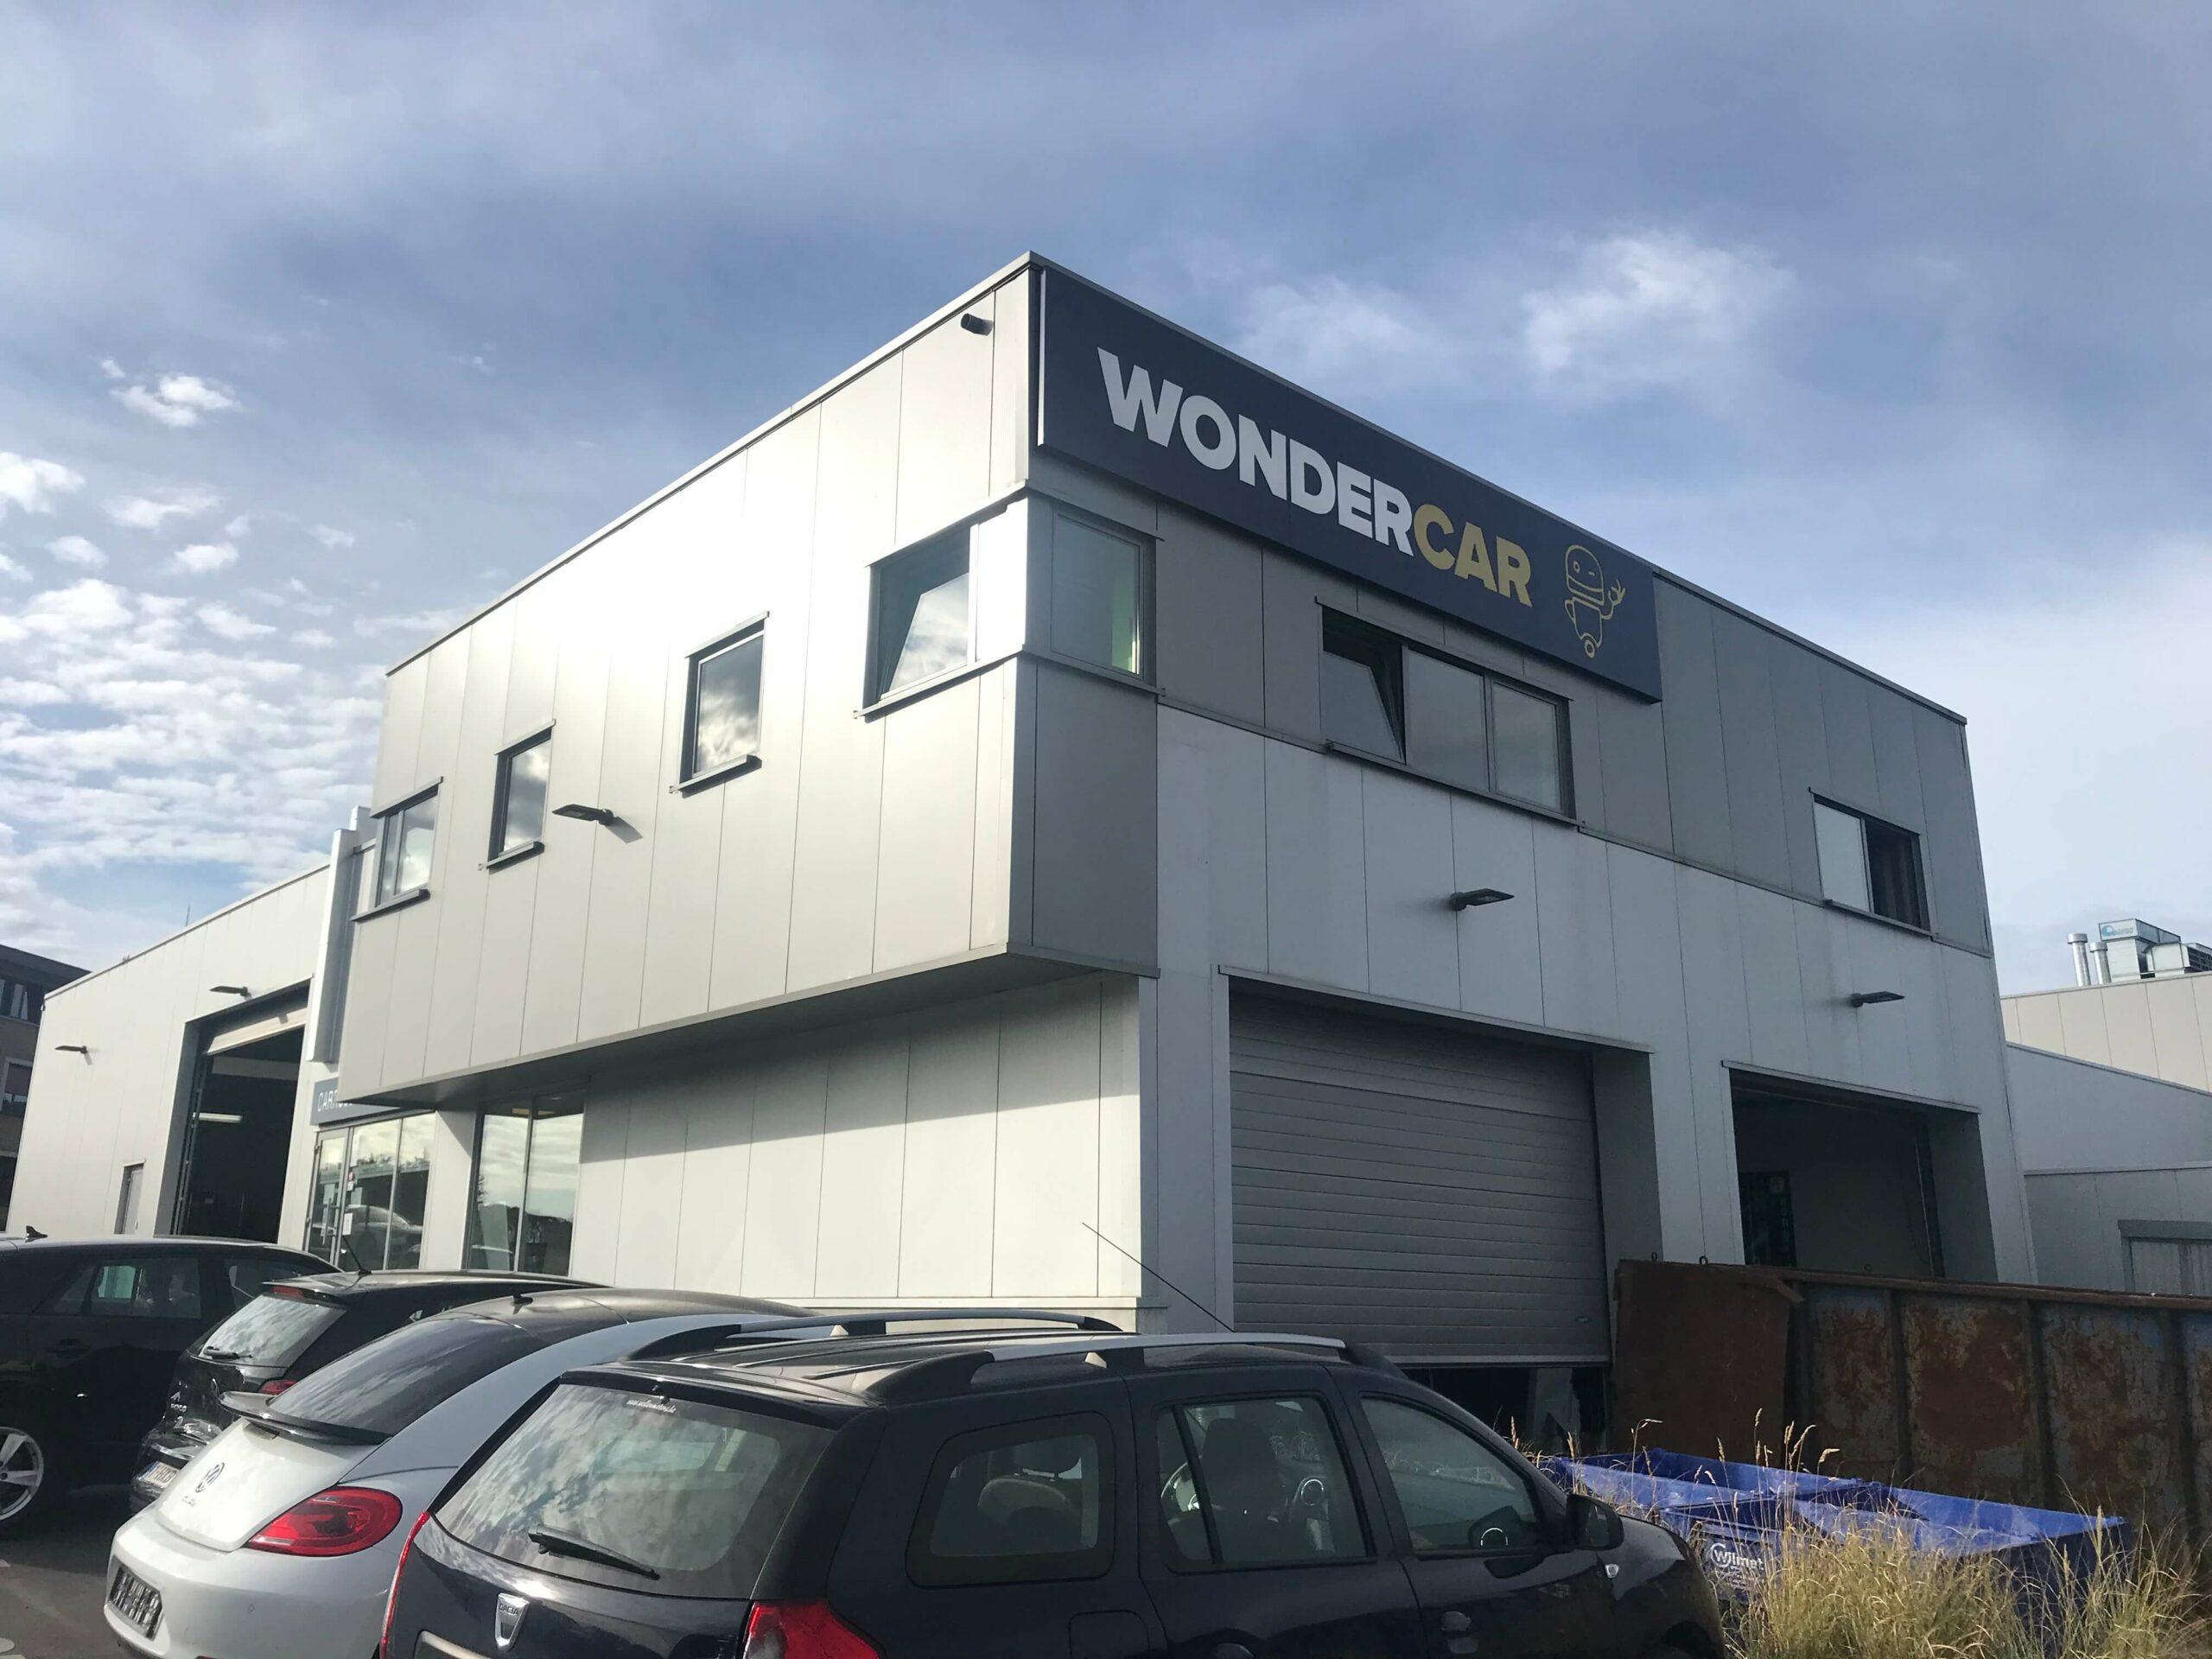 Extérieur du bâtiment de la carrosserie Wondercar Wierde à Namur